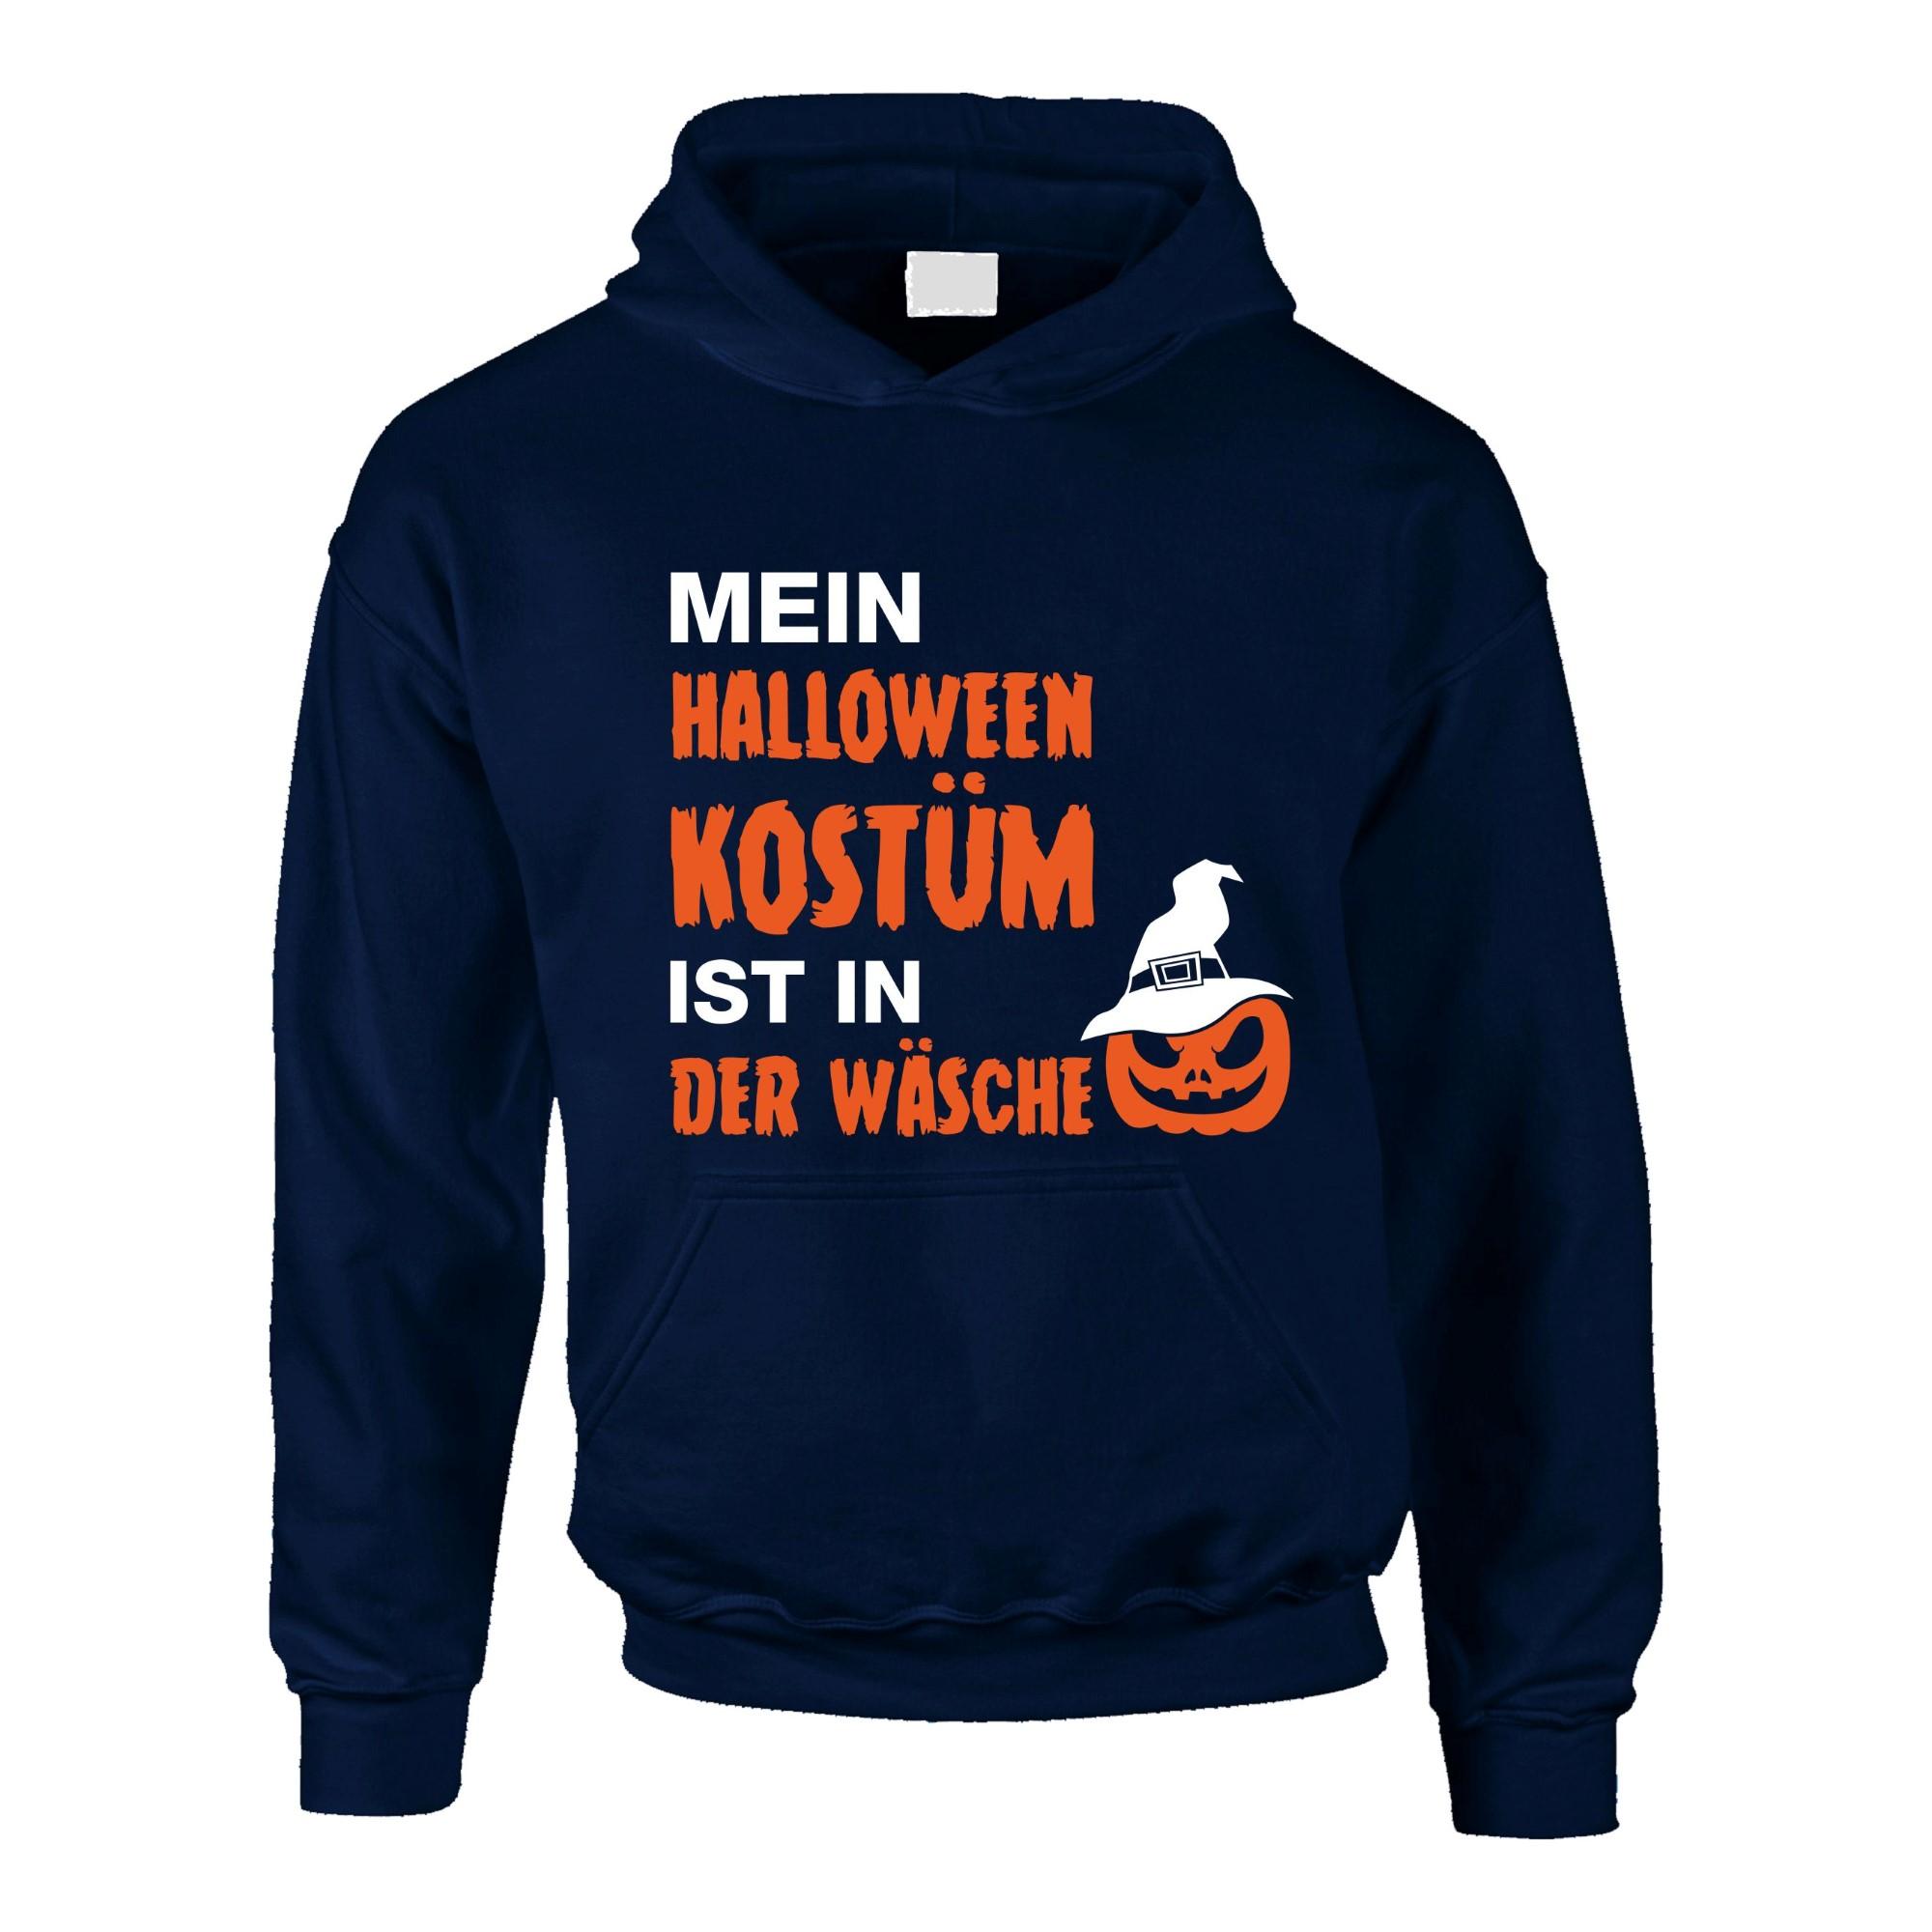 Kinder-Hoodie-Mein-Halloween-Kostüm-dunkelblau-weiss.jpg